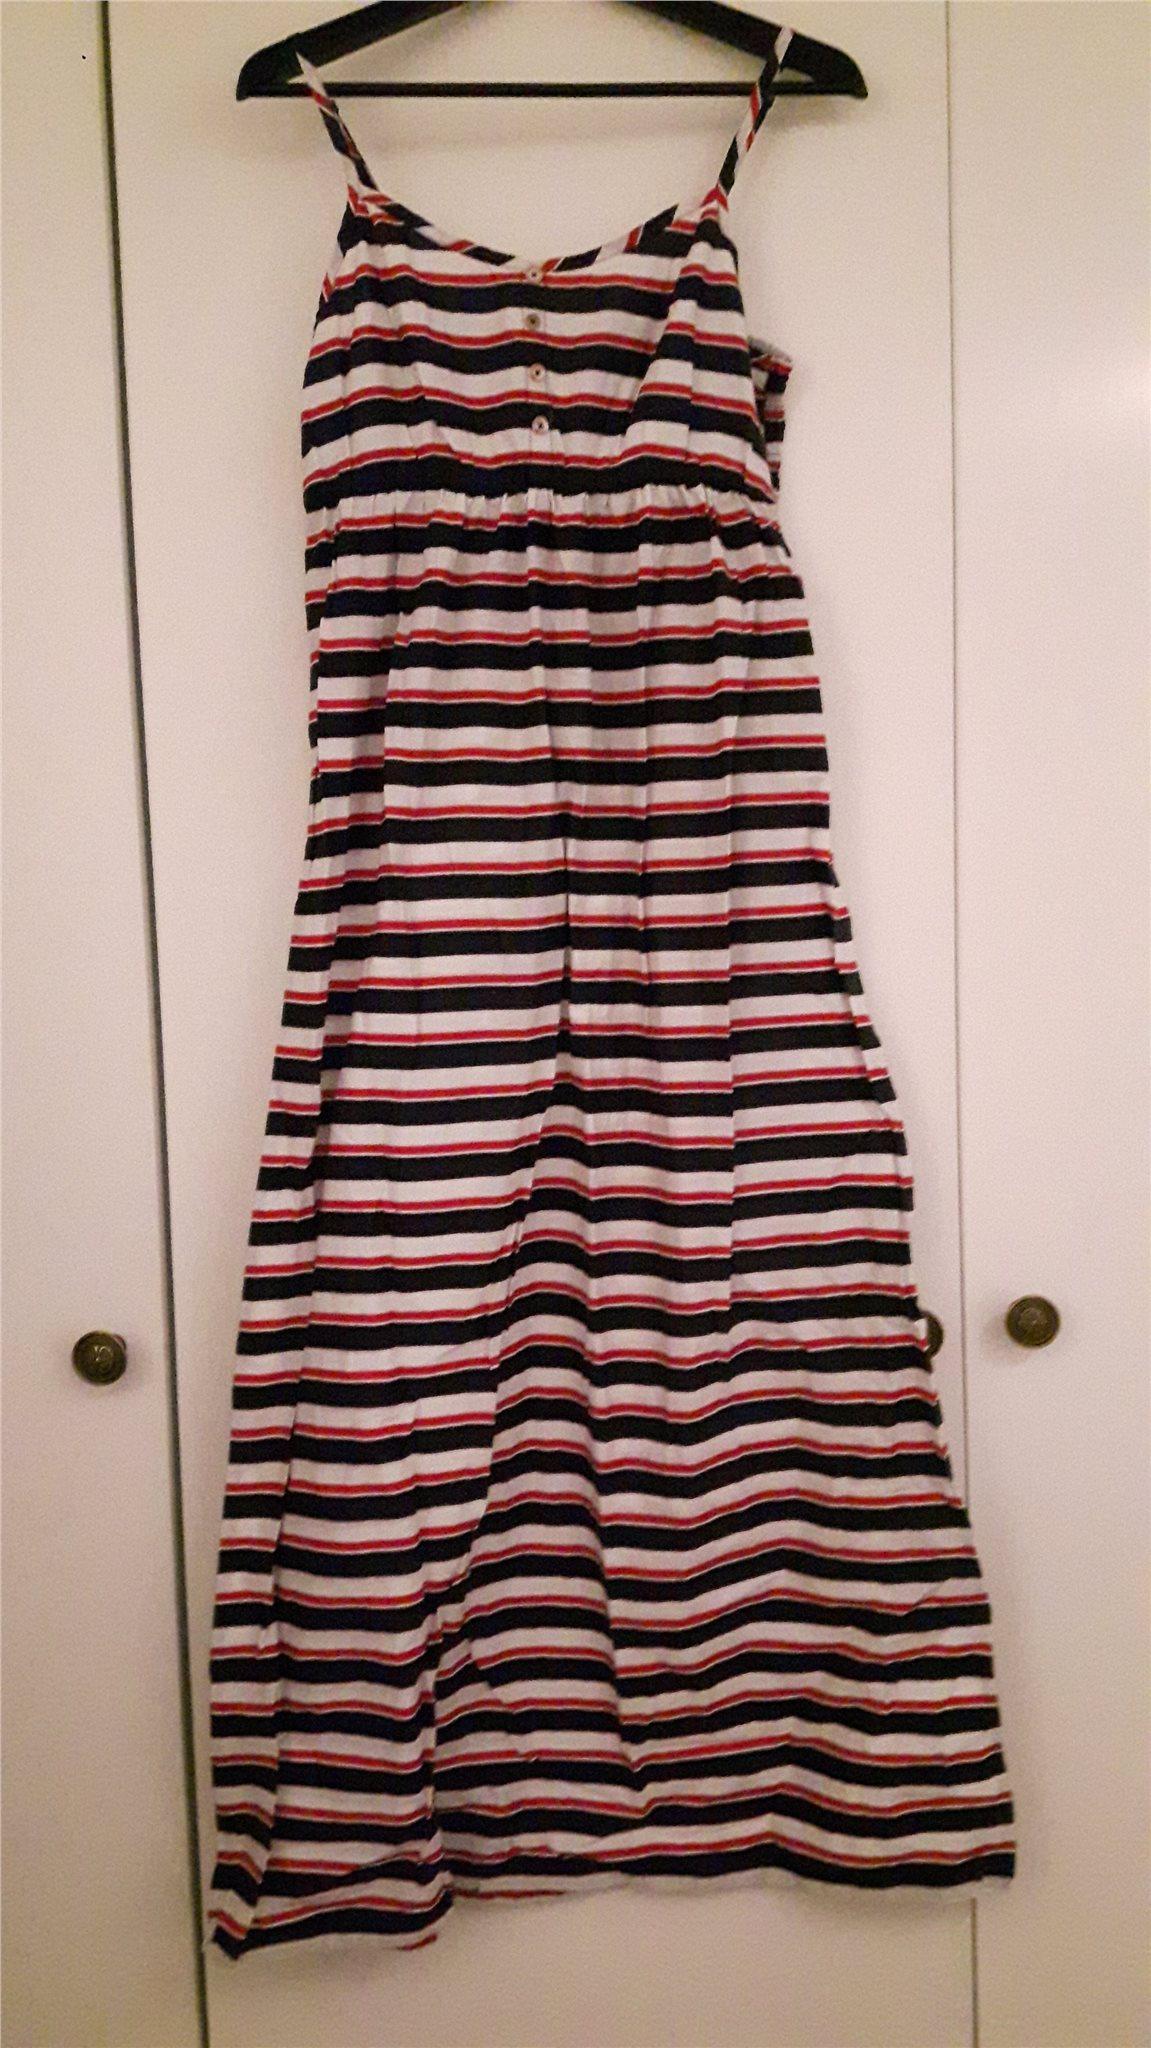 d51bddf4f64b Randig långklänning stl 40/42 (343415990) ᐈ Köp på Tradera